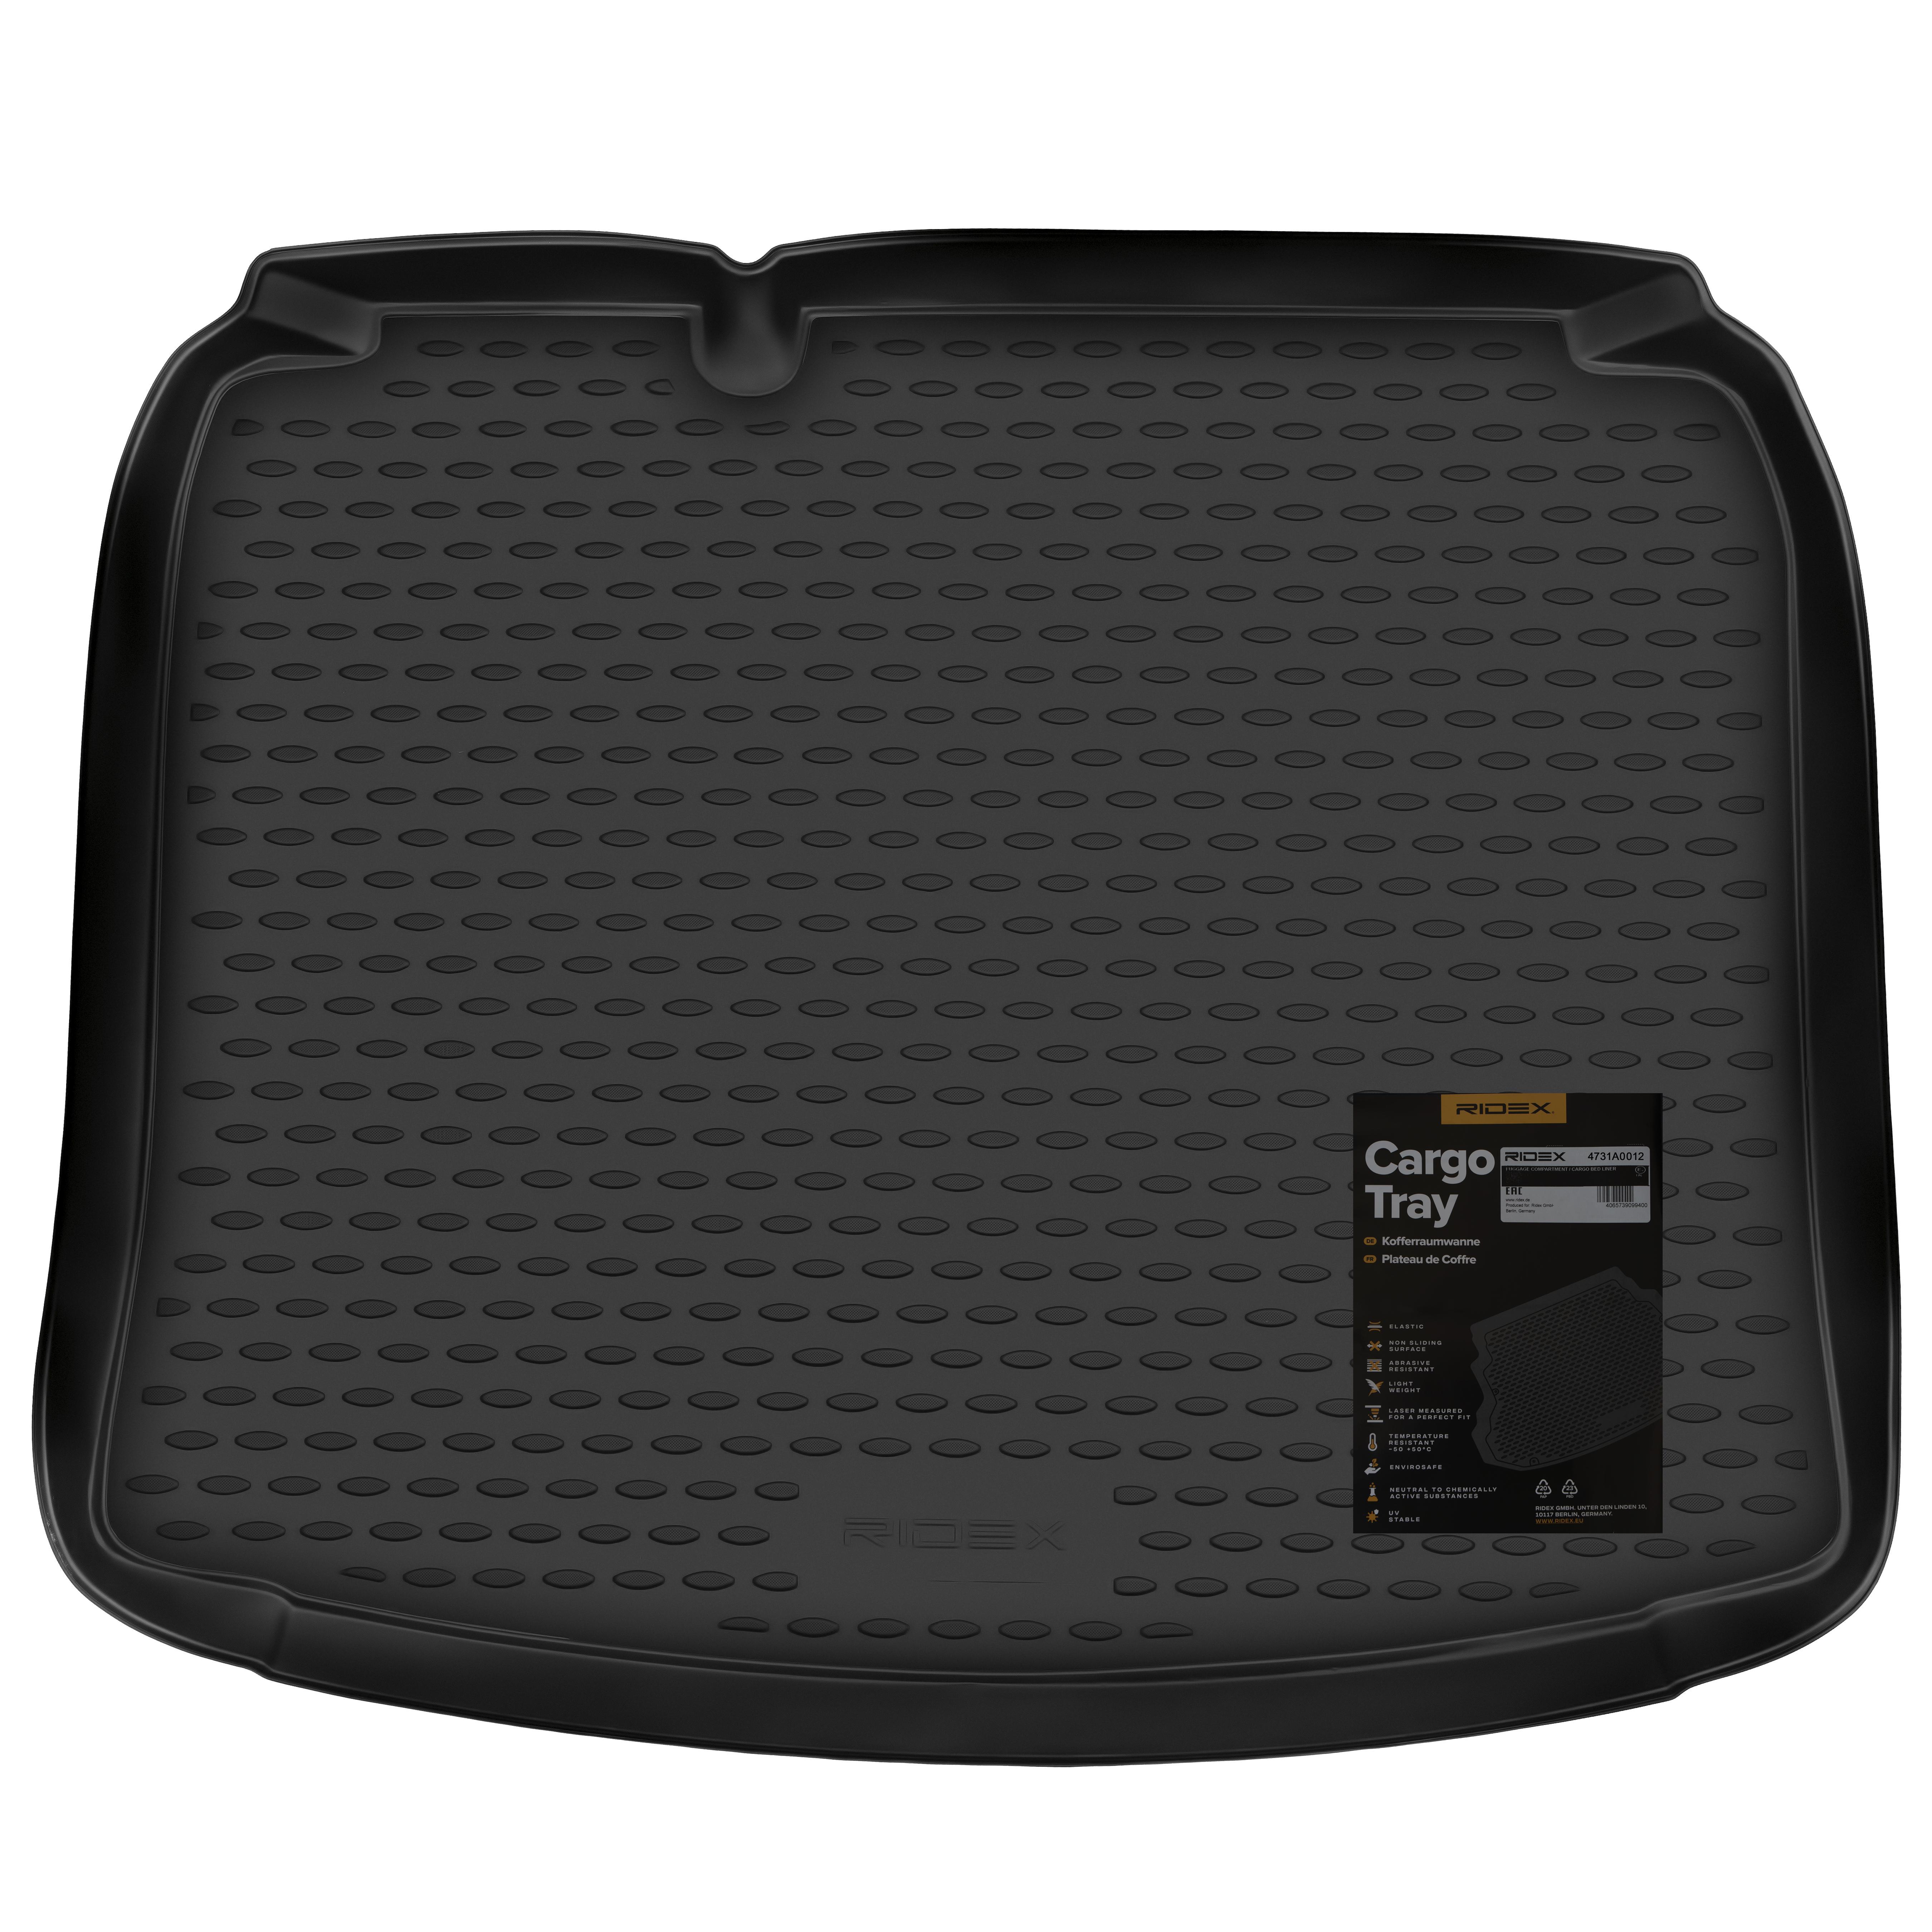 4731A0012 Kofferbakschaal Aantal: 1, Kofferruimte, Zwart, Rubber van RIDEX tegen lage prijzen – nu kopen!